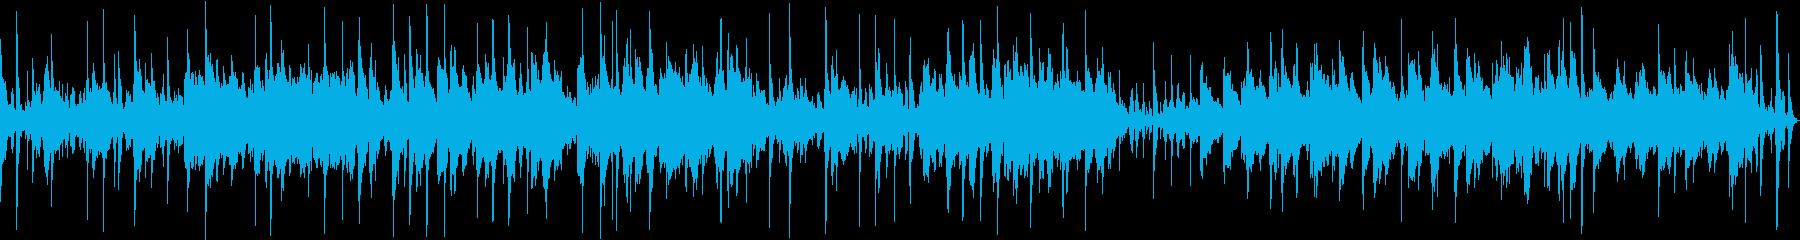 水琴窟とシンセサイザーのハーモニーの再生済みの波形